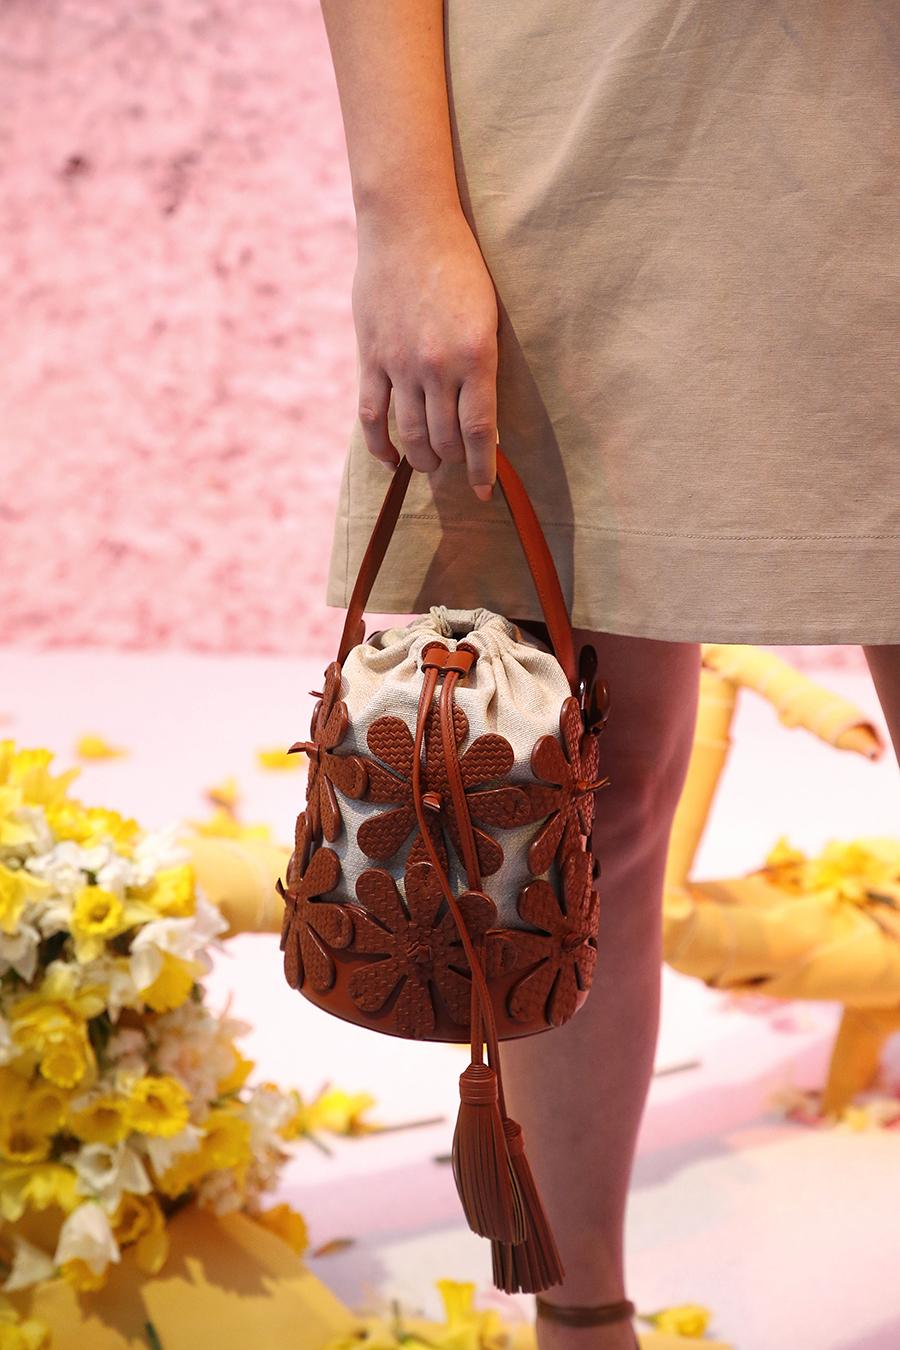 модная сумка мешок кисет осень зима 2020 2021 коричневая кожаная холщевая мешковина цветы